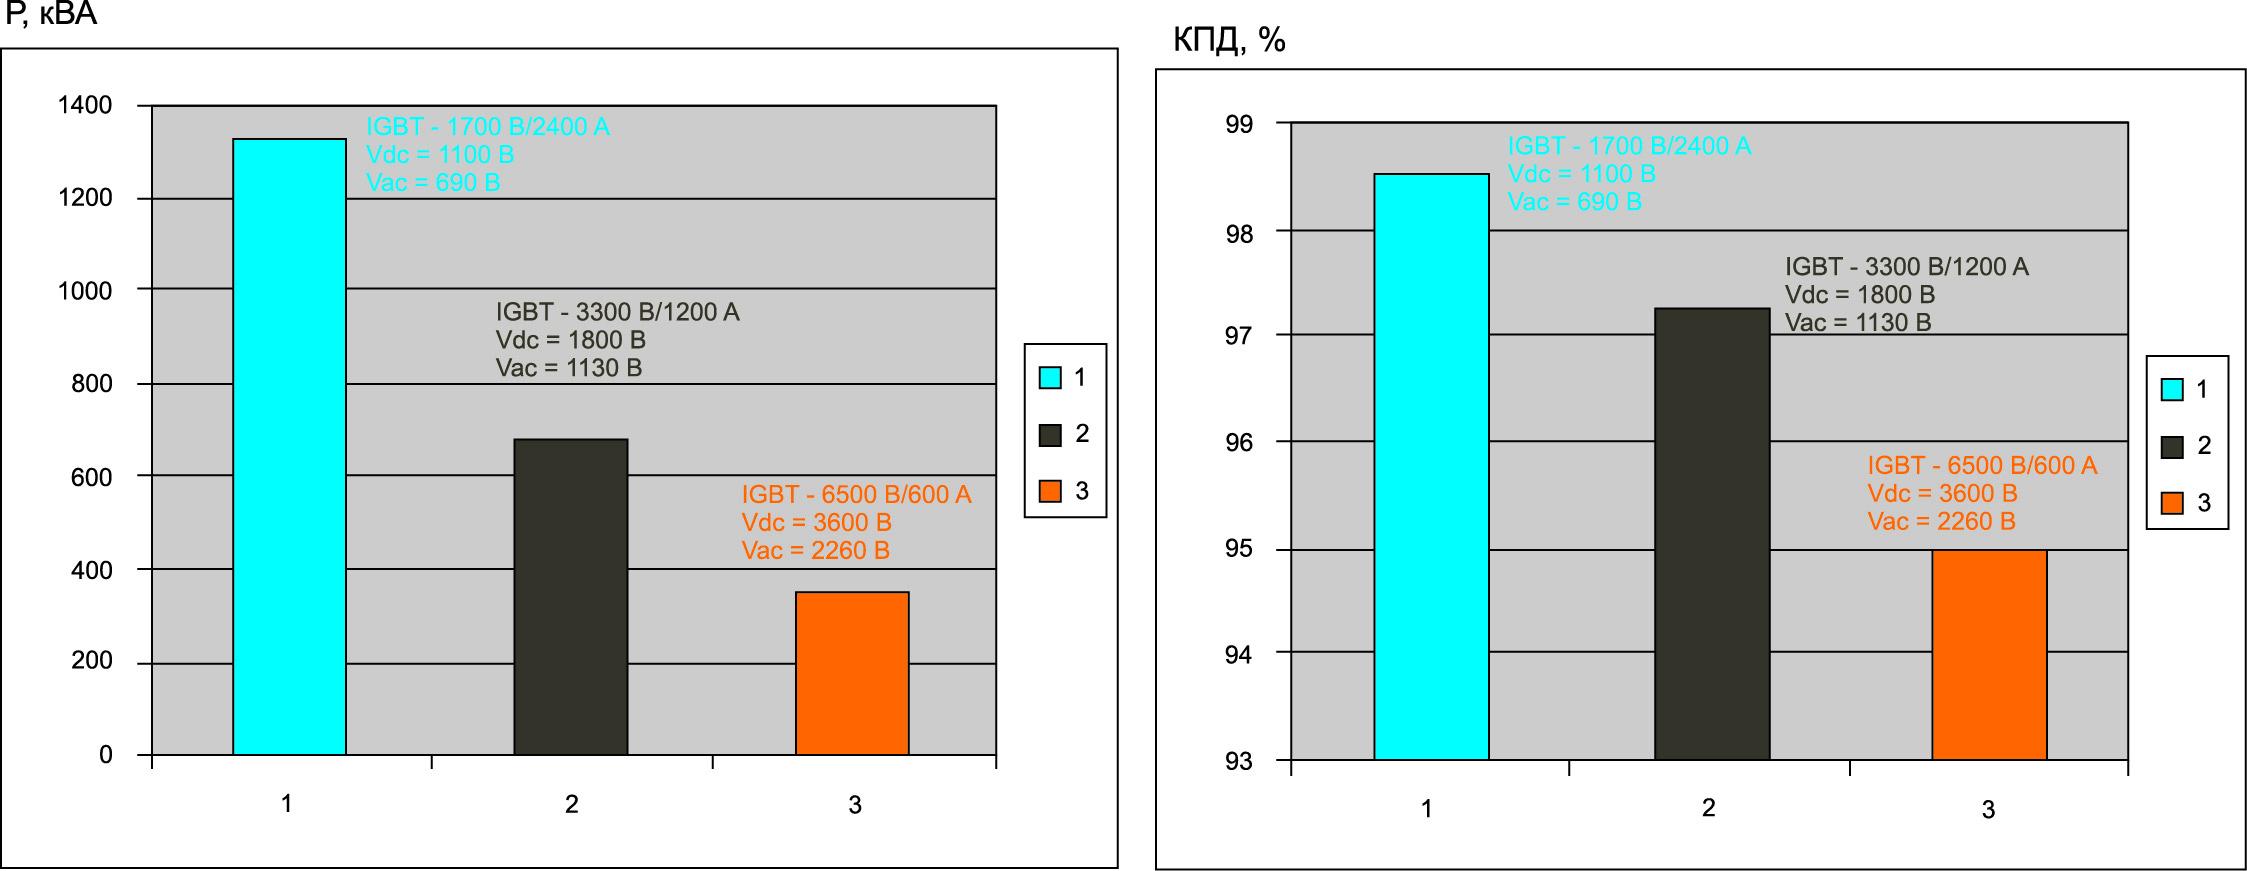 Сравнение максимальной мощности и эффективности 3-фазного инвертора при использовании низковольтных и высоковольтных ключей с идентичной площадью кристаллов IGBT